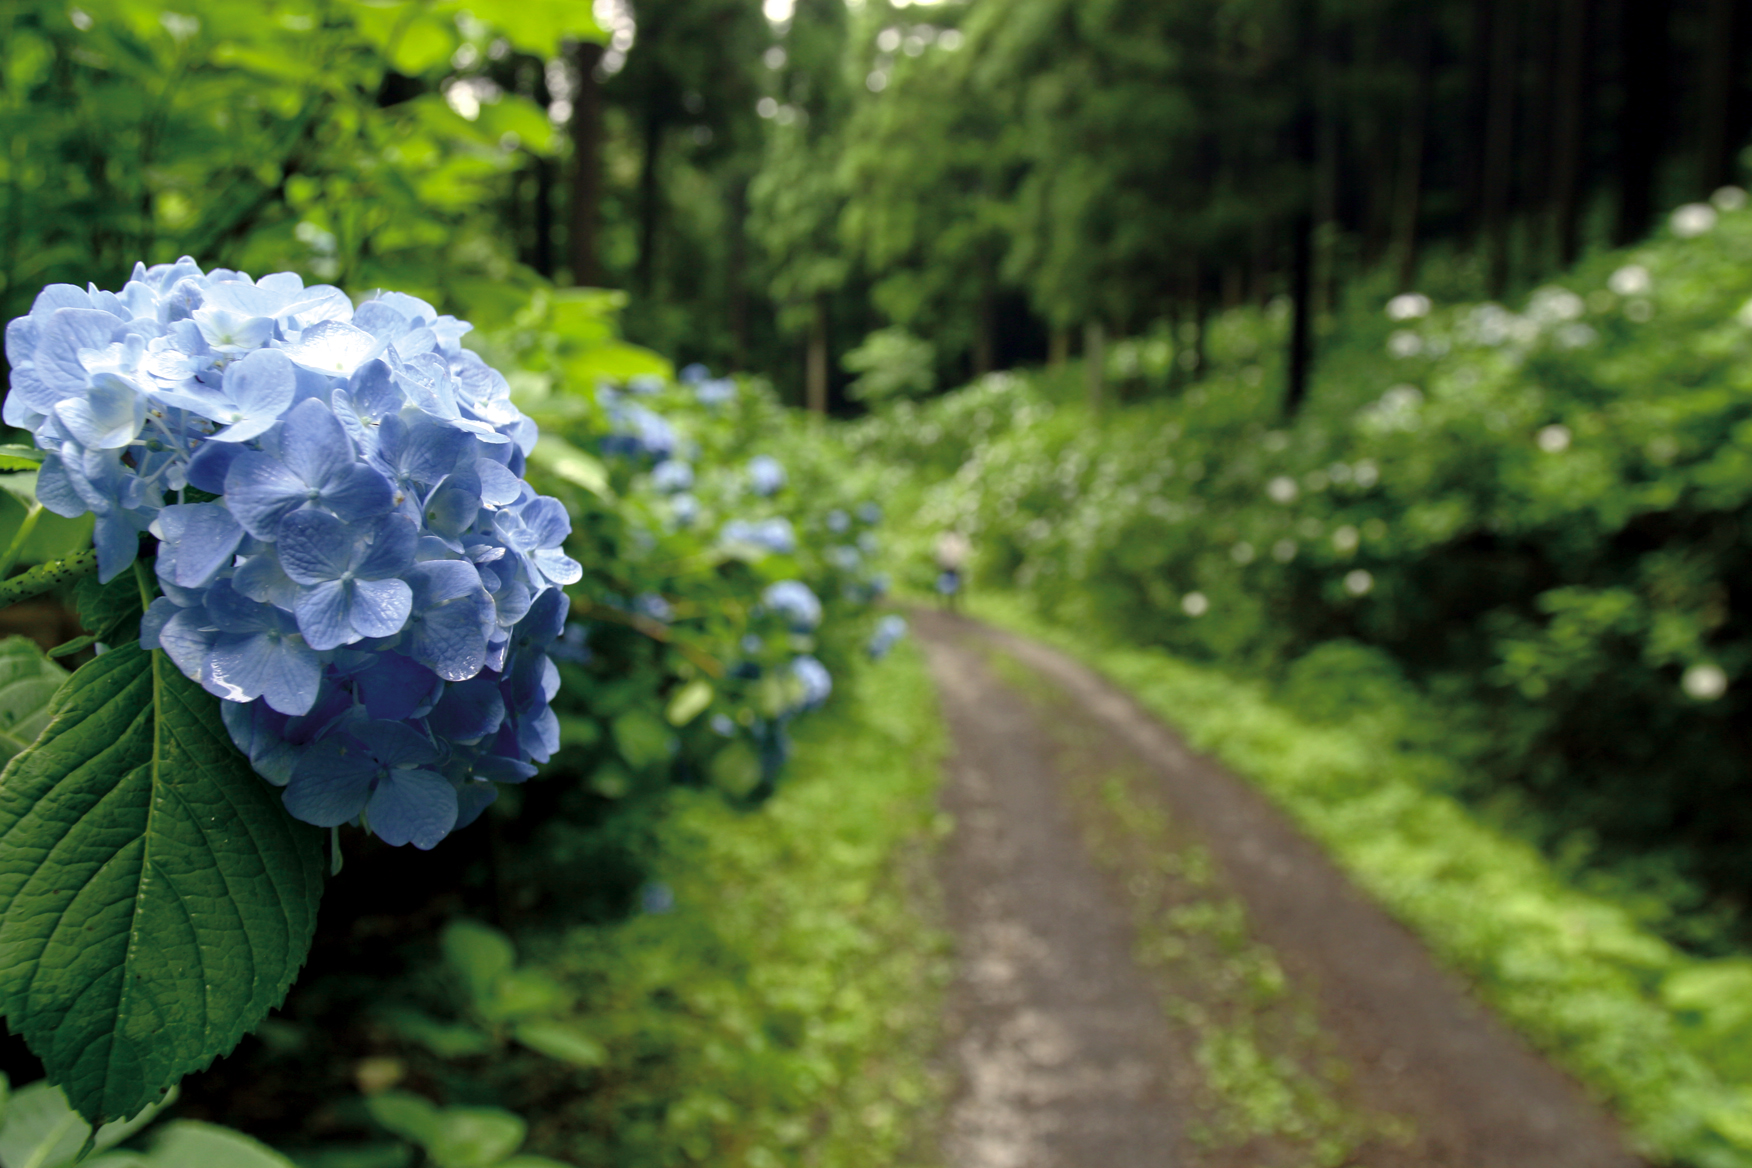 園 一関 あじさい 2021年の岩手みちのくあじさい園・紫陽花の見頃はいつ?現在の開花状況も